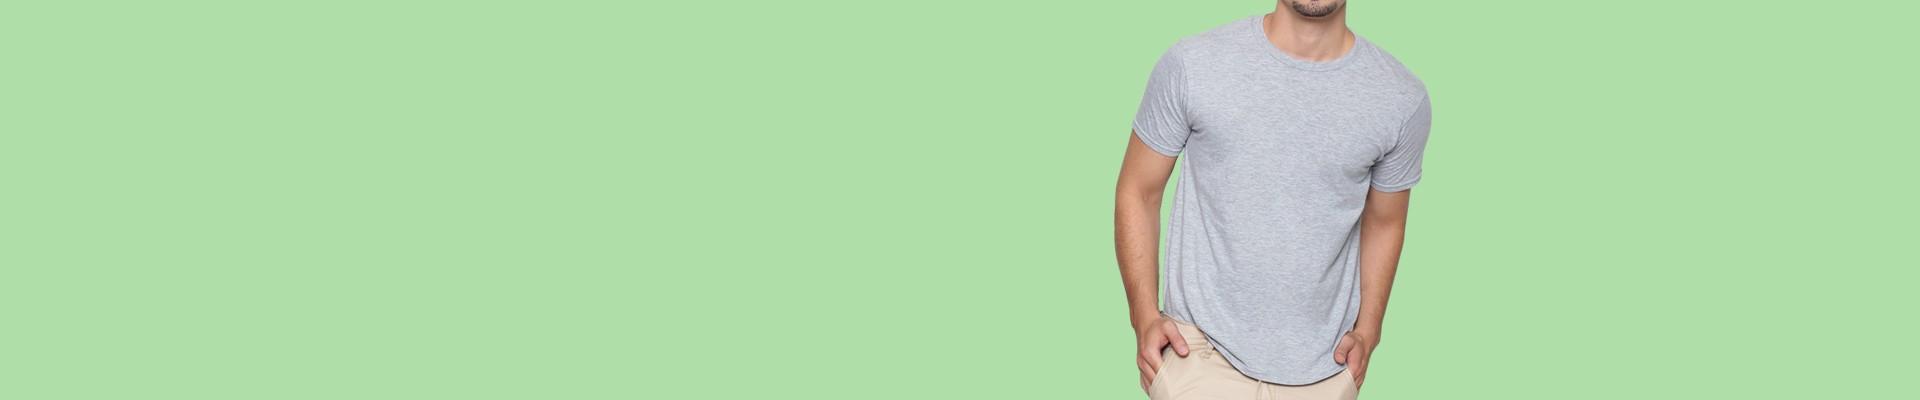 Jual Baju Kaos Pria - Model Terbaru & Harga Murah